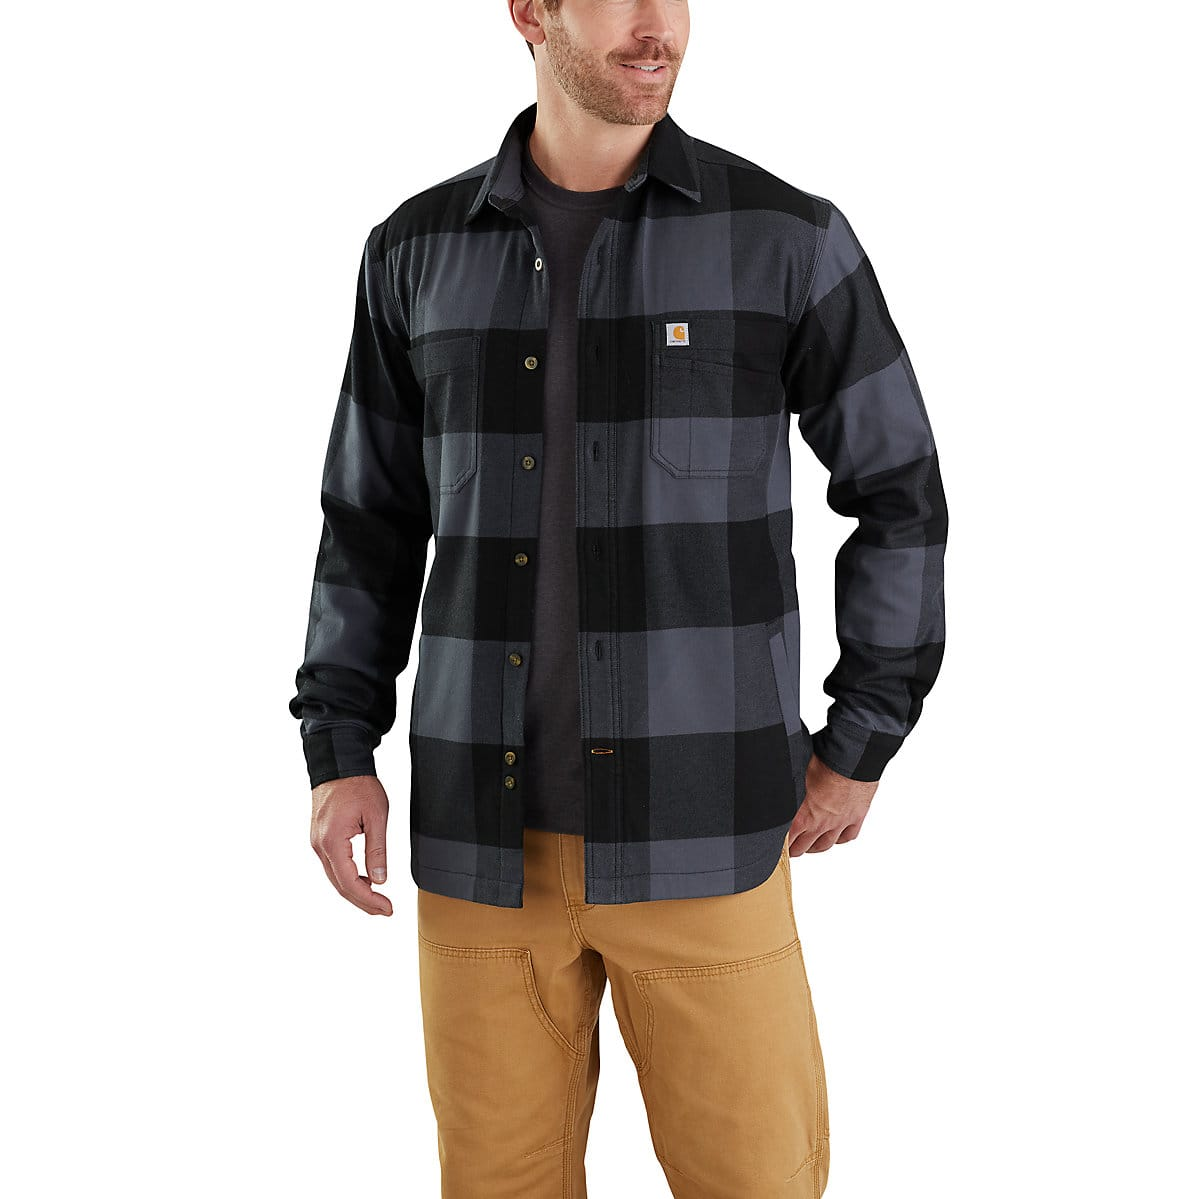 9aaccbee8 Men's Rugged Flex® Hamilton Fleece-Lined Shirt Jac | Carhartt